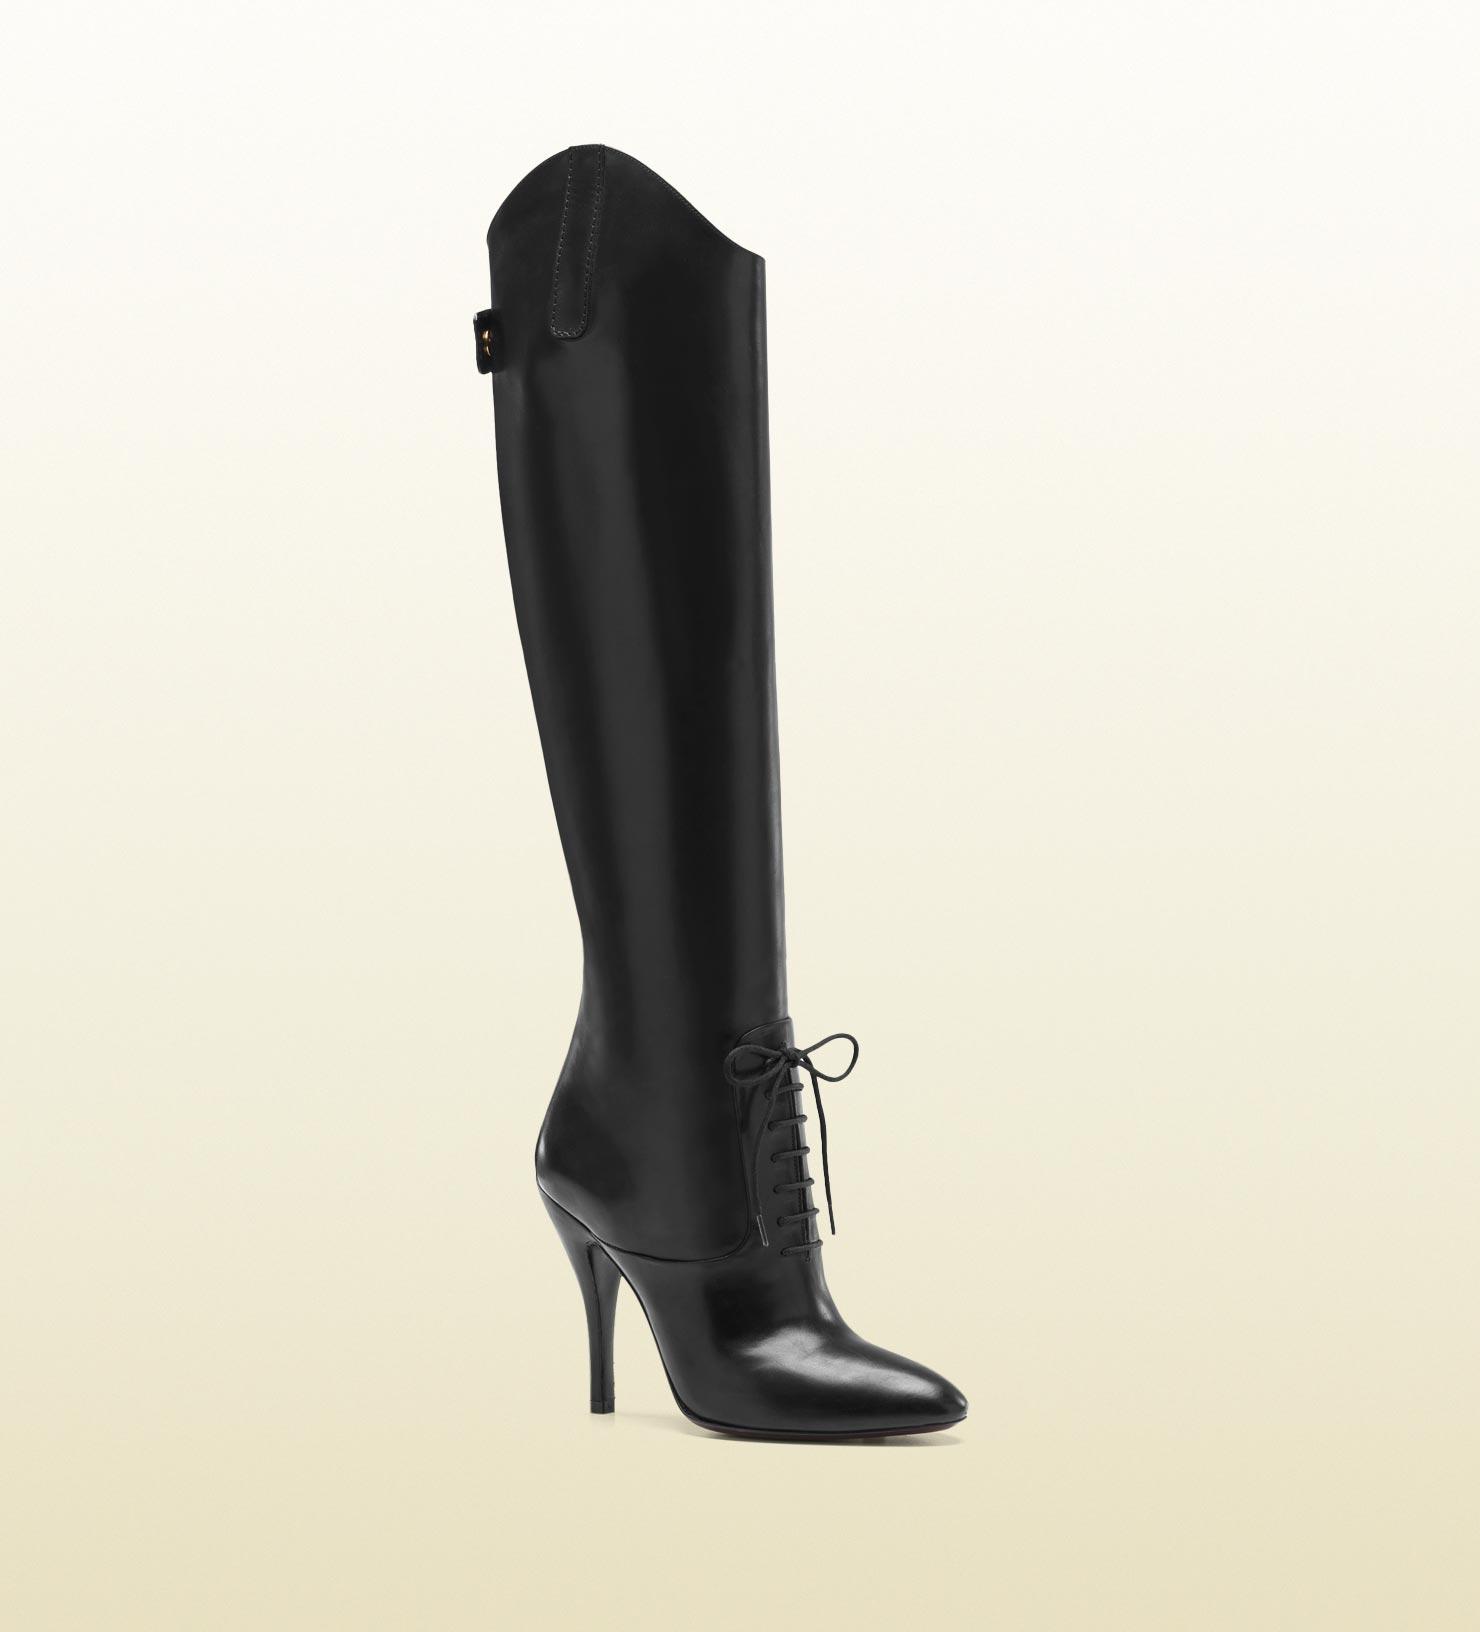 Gucci Elizabeth High Heel Leather Riding Boot in Black - Lyst 609baf2c2b0